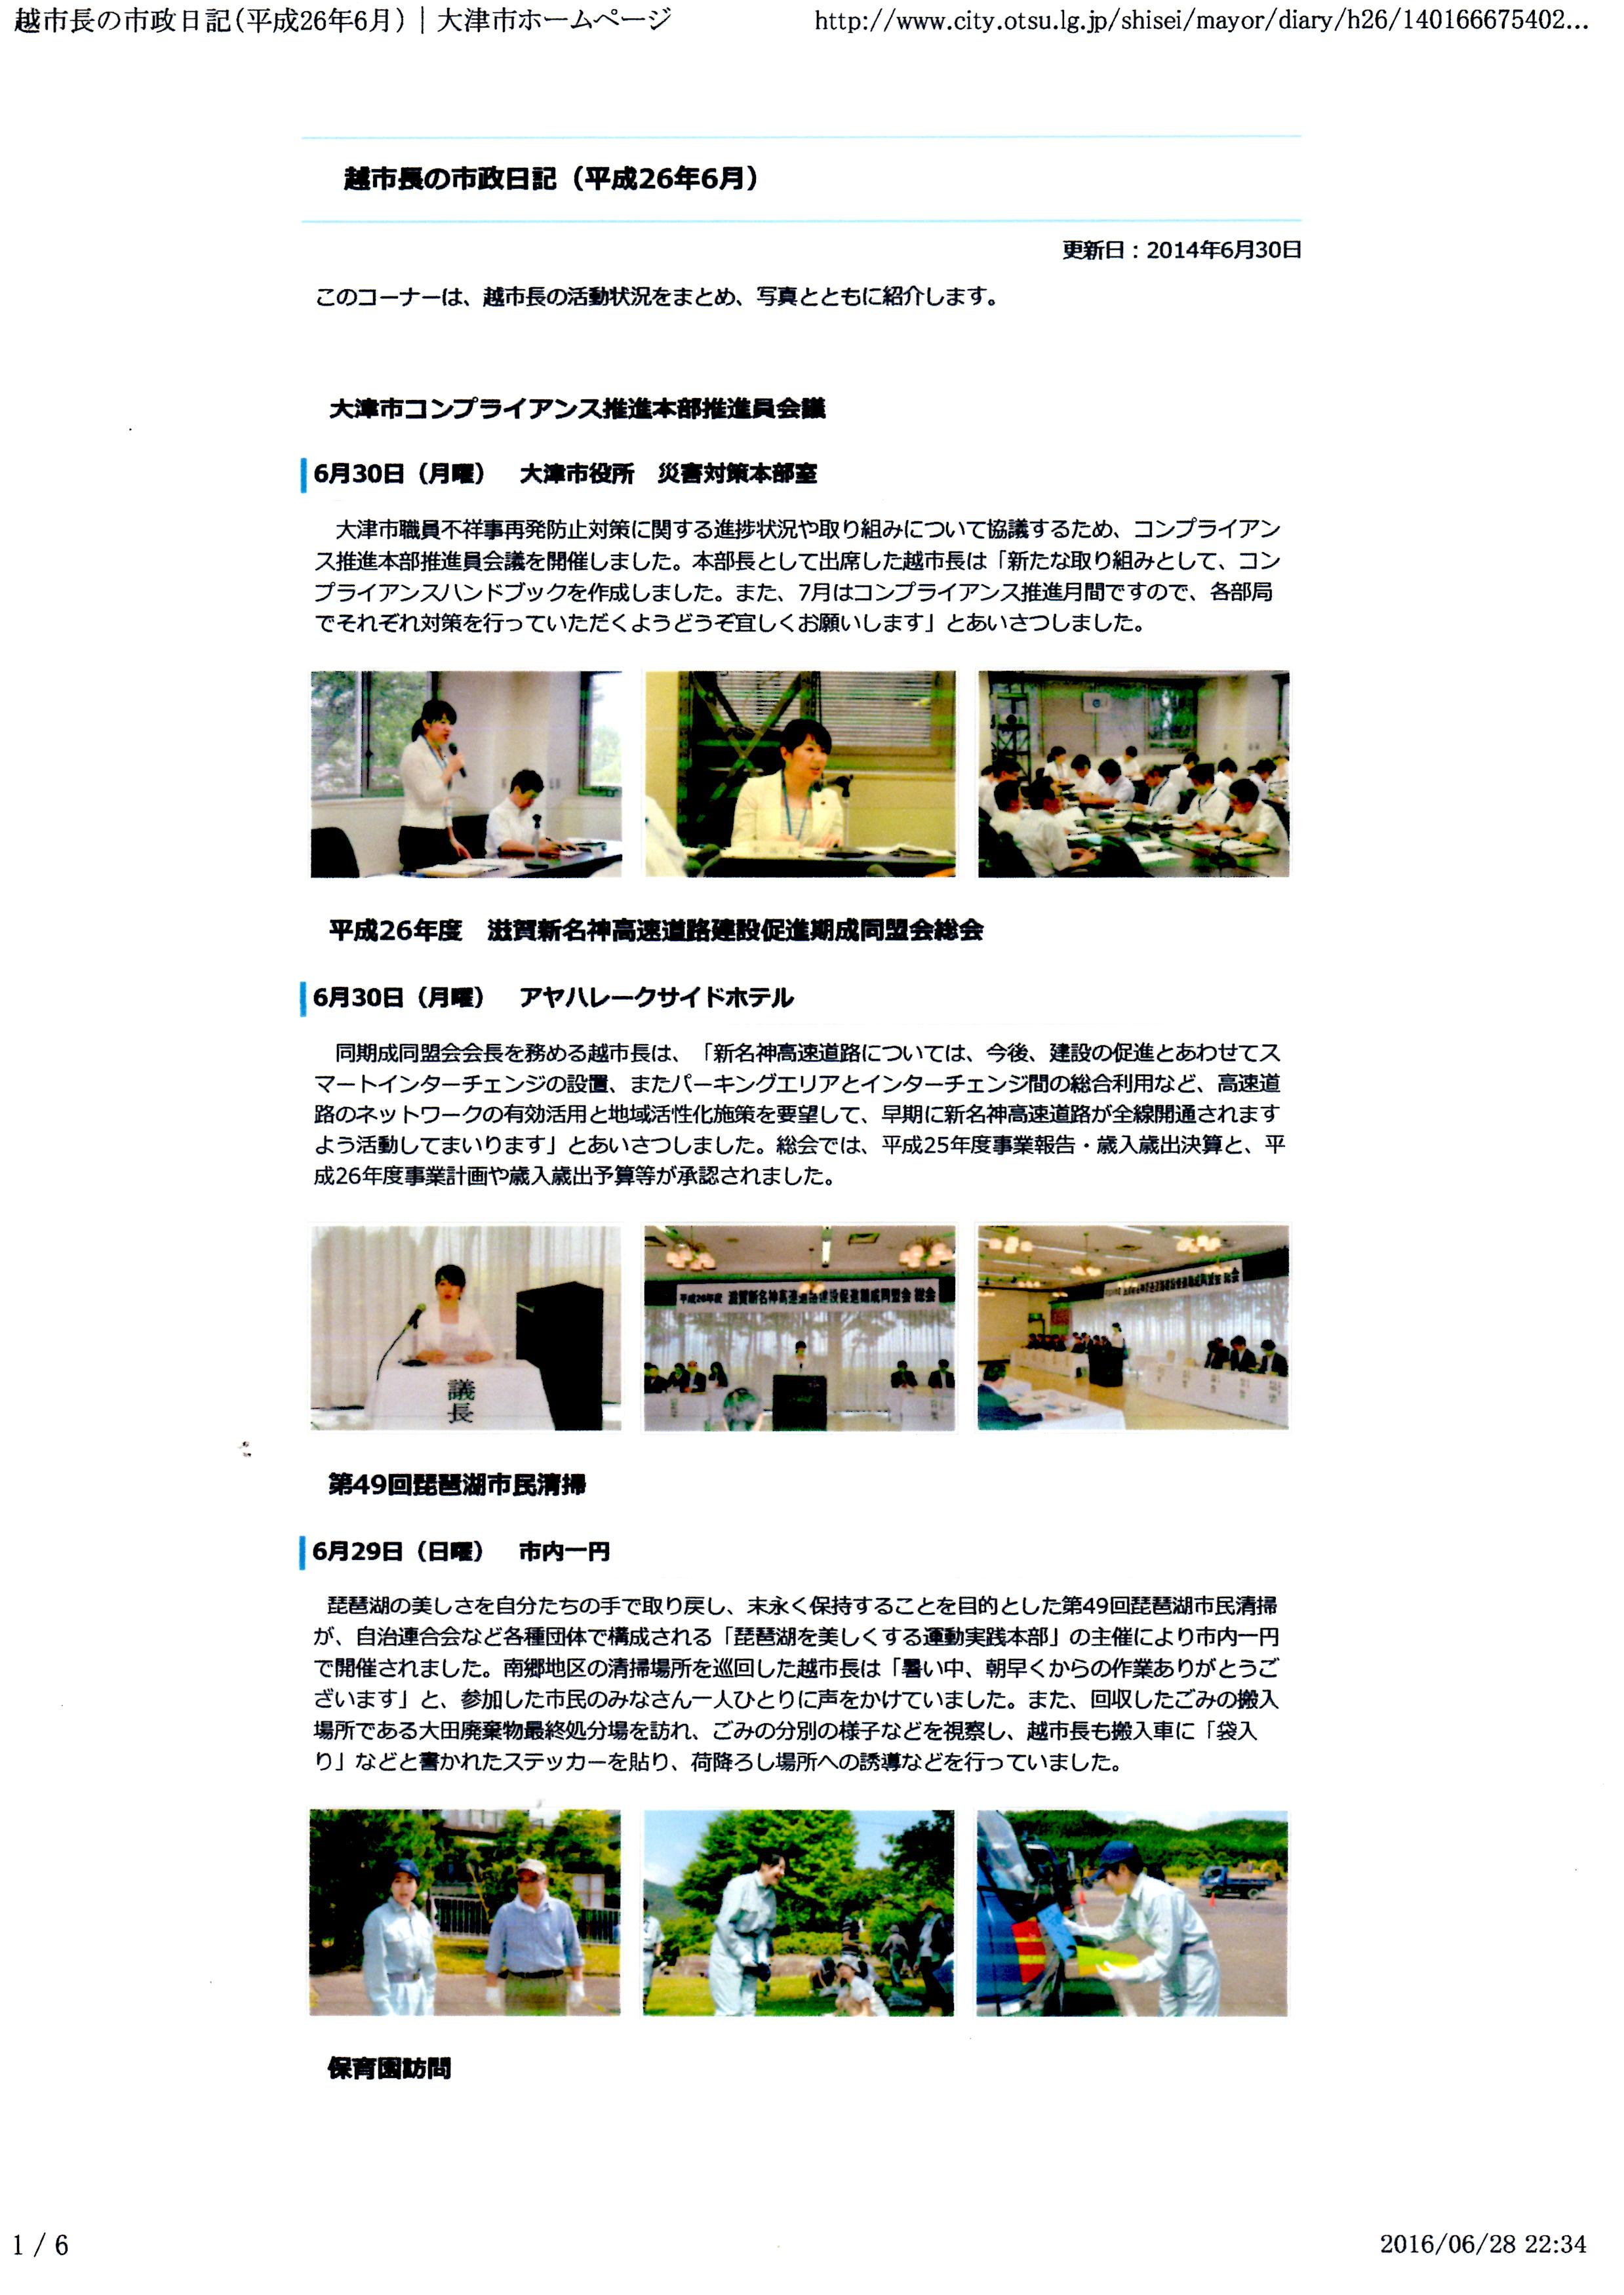 越市長の市政日記/2014年6月29日(日)琵琶湖市民清掃